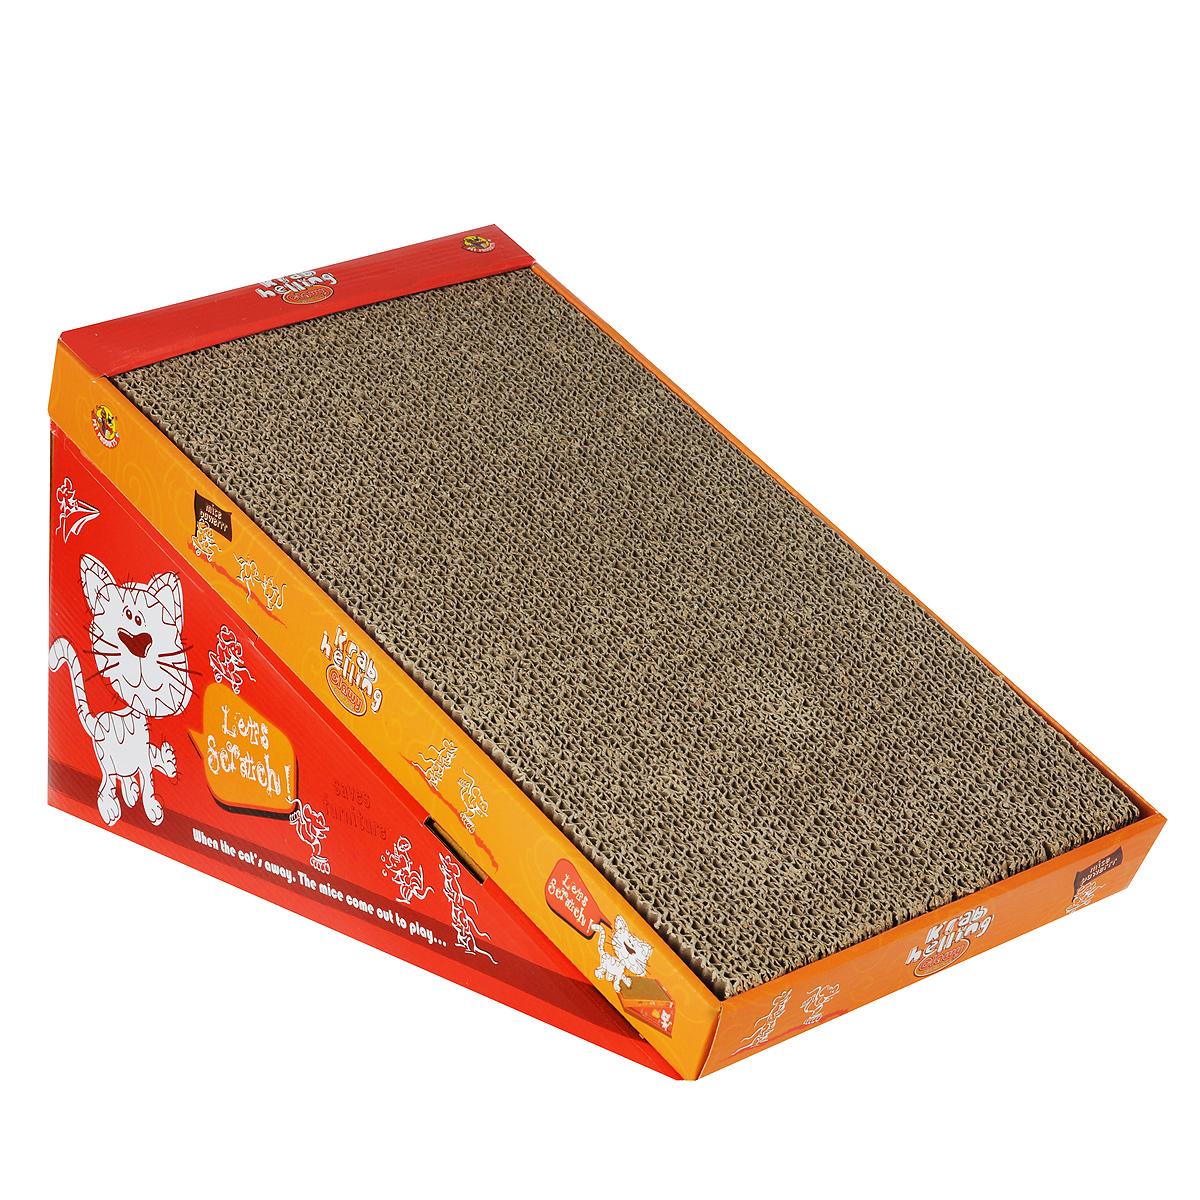 Когтеточка-горка I.P.T.S. с кошачьей мятой, 46 см х 23 см х 4 см405230Когтеточка I.P.T.S. выполнена из плотного картона в виде горки и предназначена для кошек. Яркая когтеточка, пропитанная кошачьей мятой, позволит приучить кошку точить коготки в строго определенном месте.